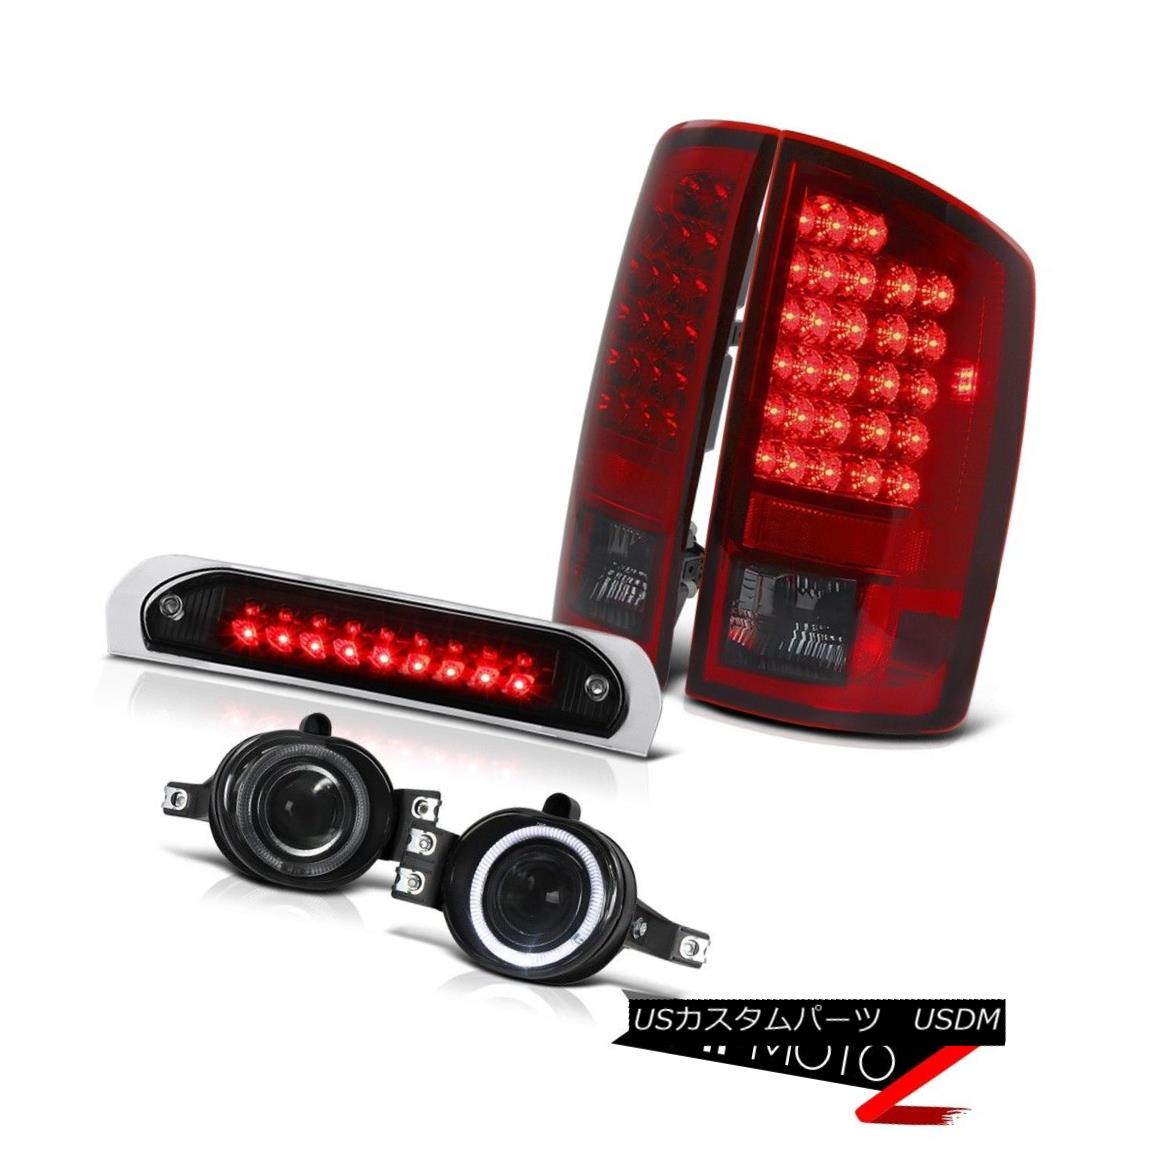 テールライト Cherry Red LED Tail Lights Glass Projector Halo Foglights Cargo Cab 07 08 Ram ST チェリーレッドLEDテールライトガラスプロジェクターHalo Foglights Cargo Cab 07 08 Ram ST